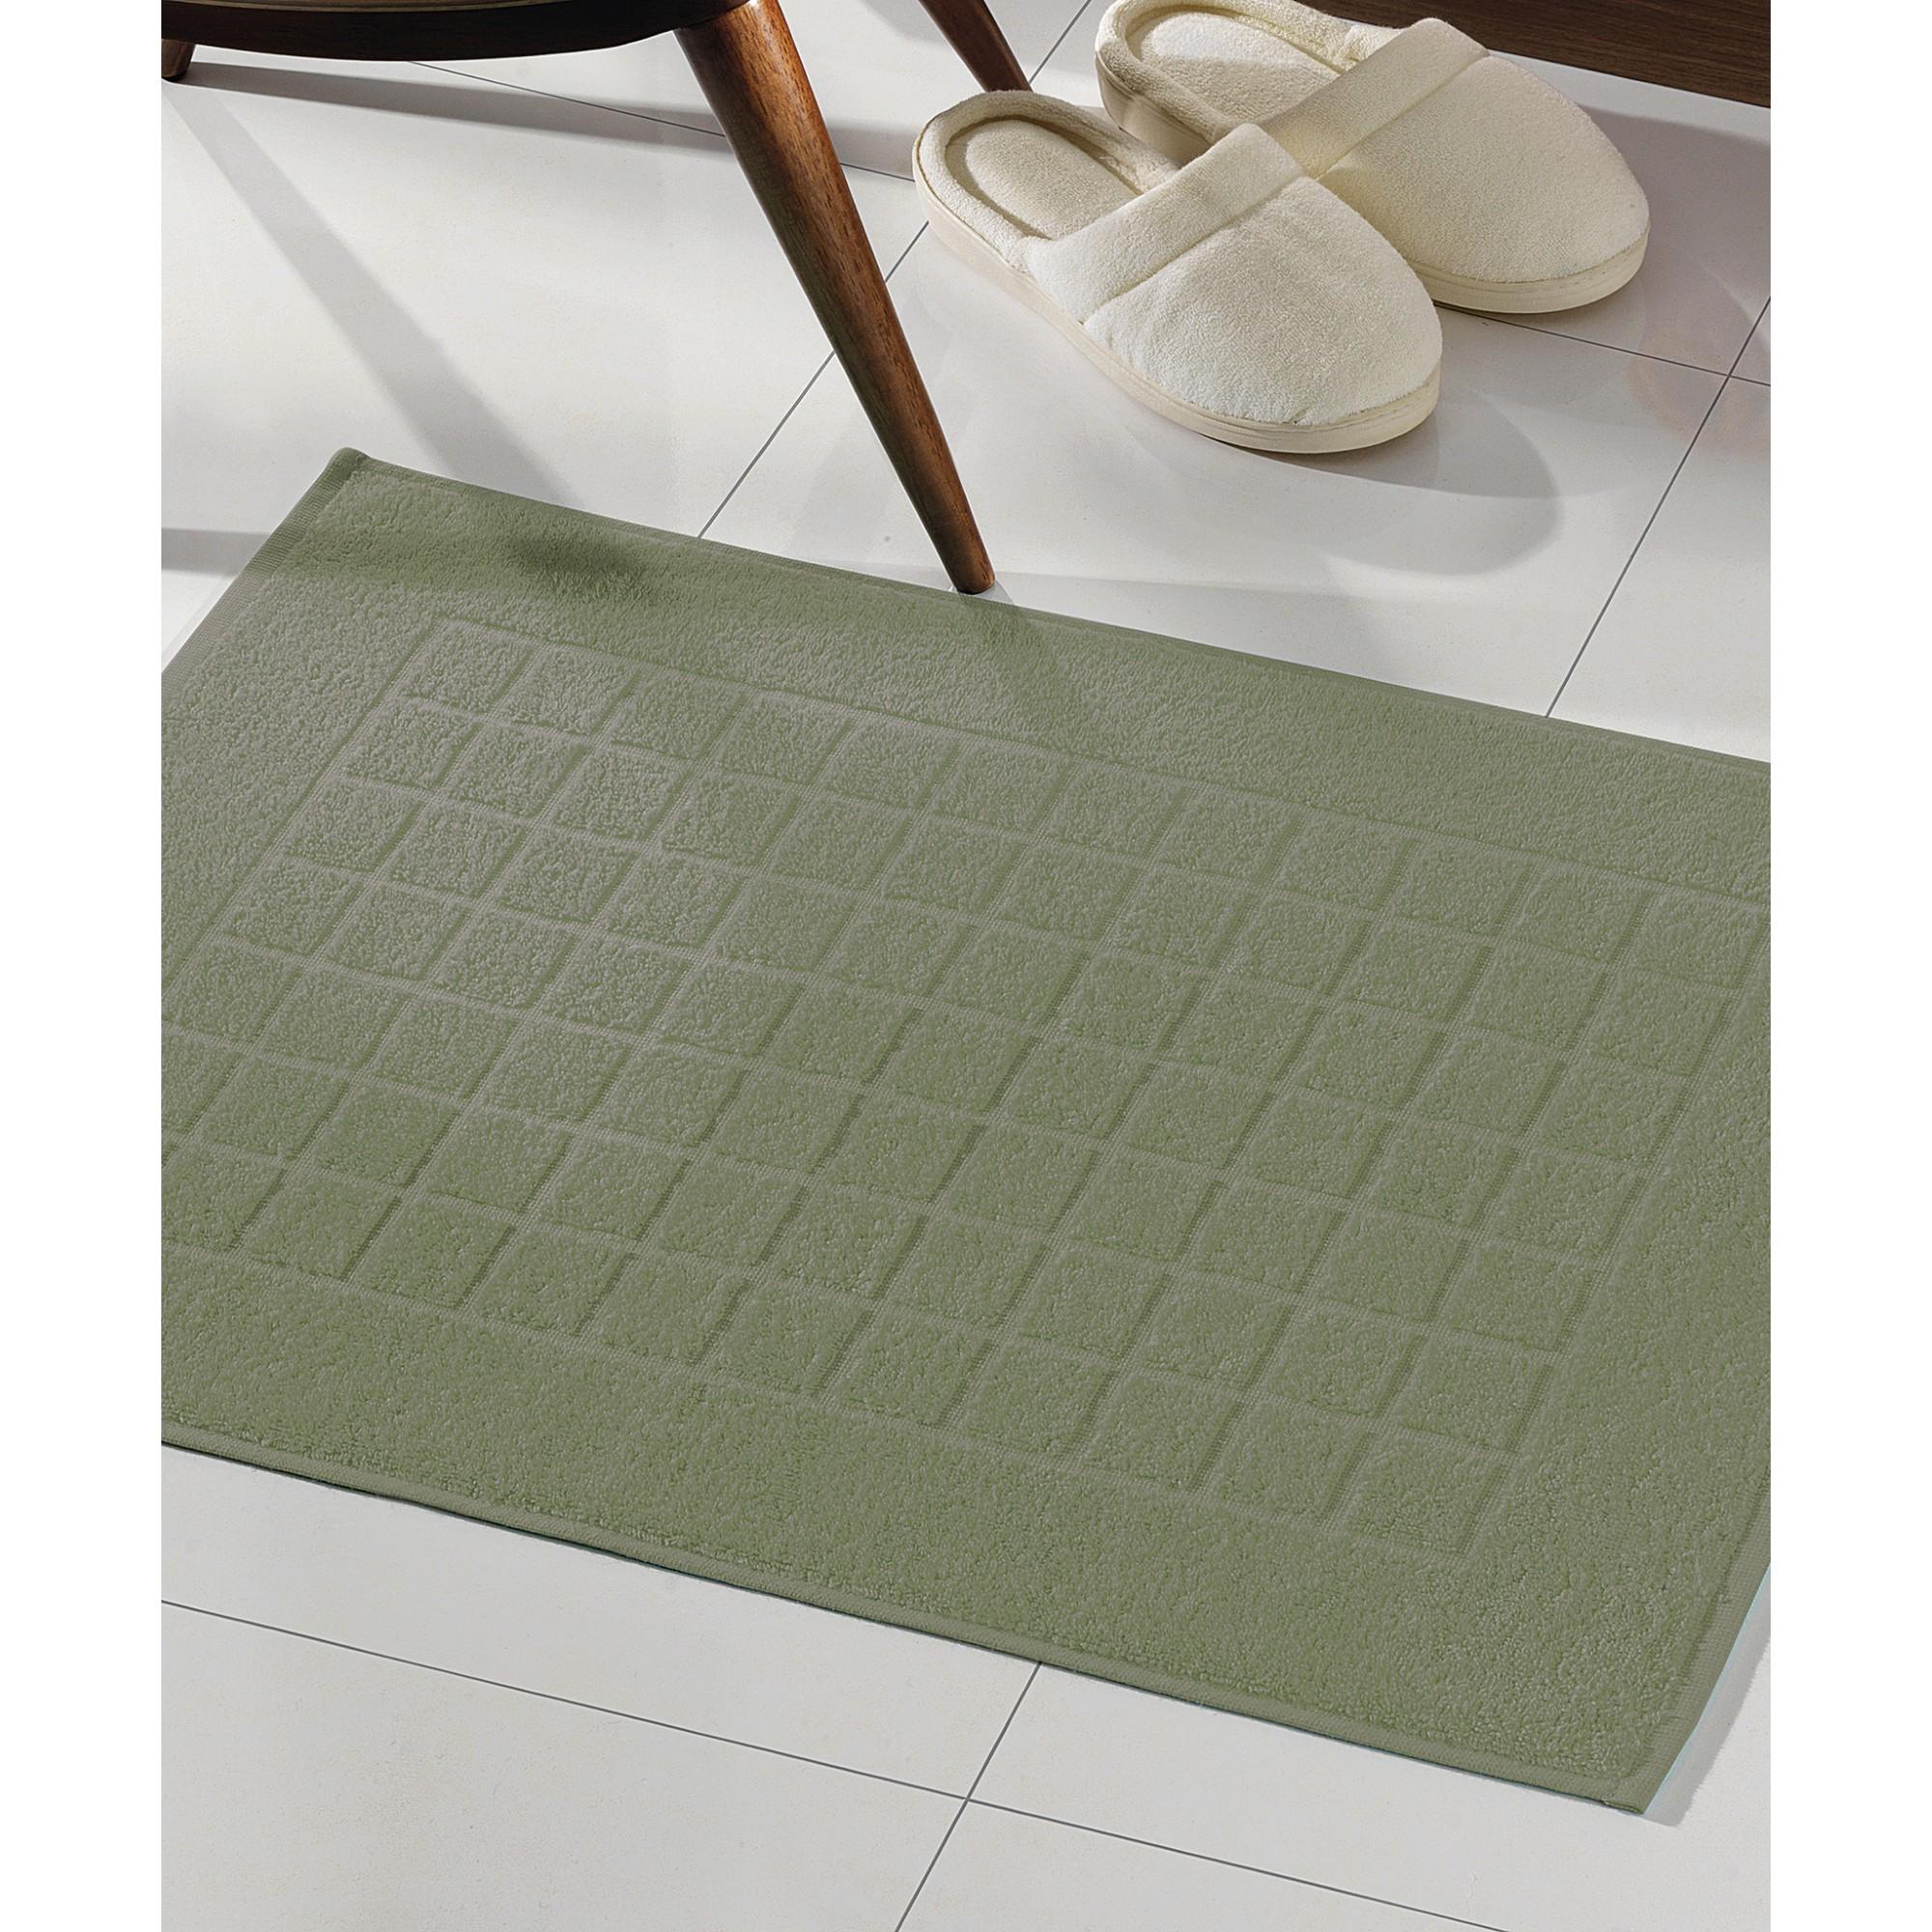 Toalha de Piso Royal Ii Felpudo 45cm x 70cm 100 algodao Verde - Dohler